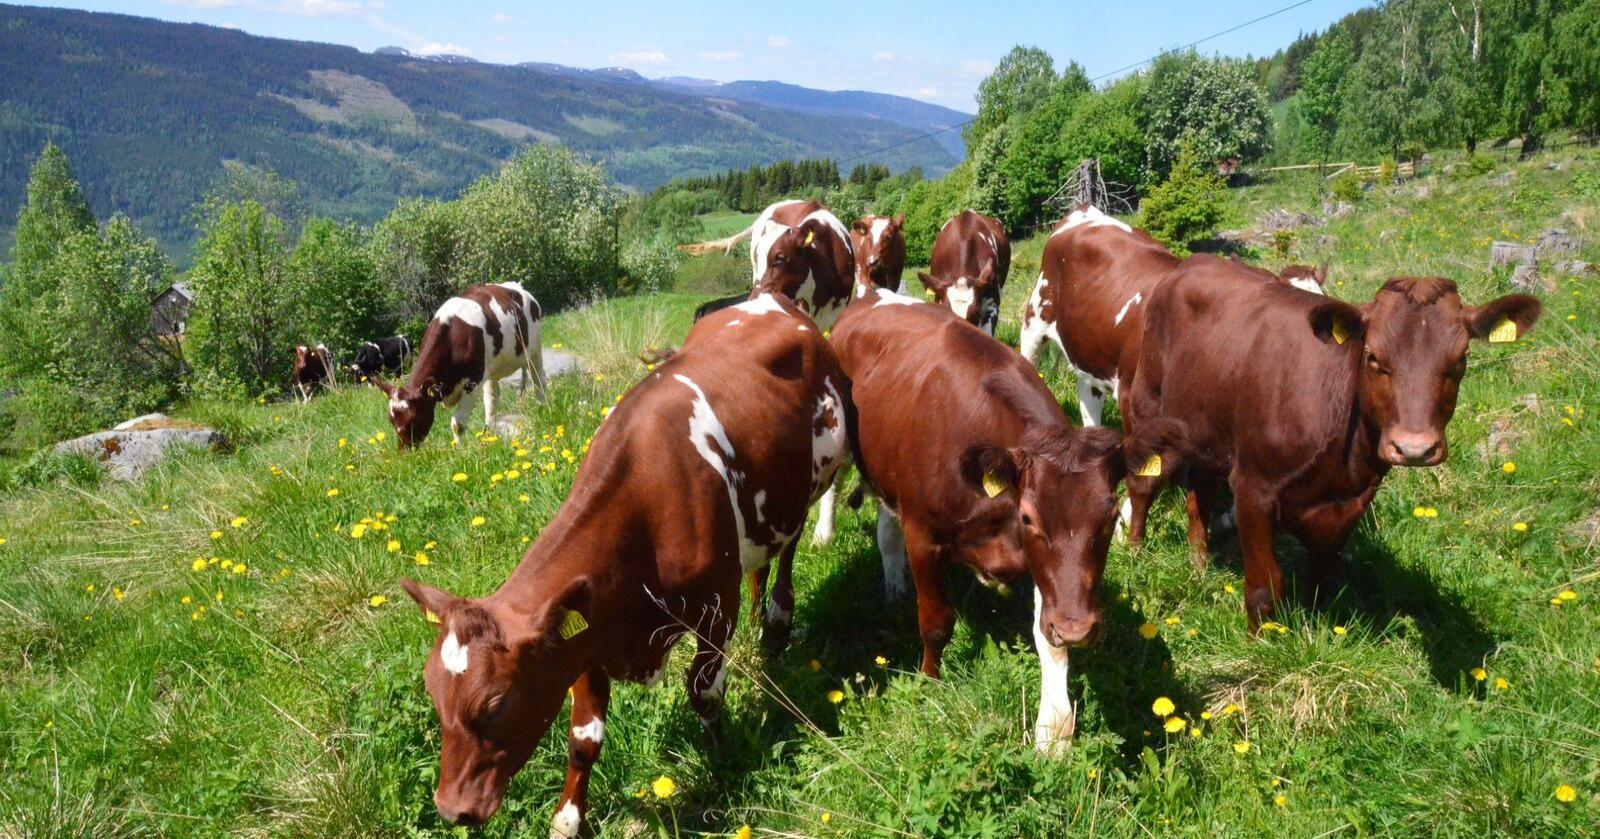 Legger vi ned 5000 gårdsbruk på grunn av feil formel i et regneark hos Miljødirektoratet, er det en dårlig start, skriver Øystein Heggdal. (Foto: Norsk Landbruk)